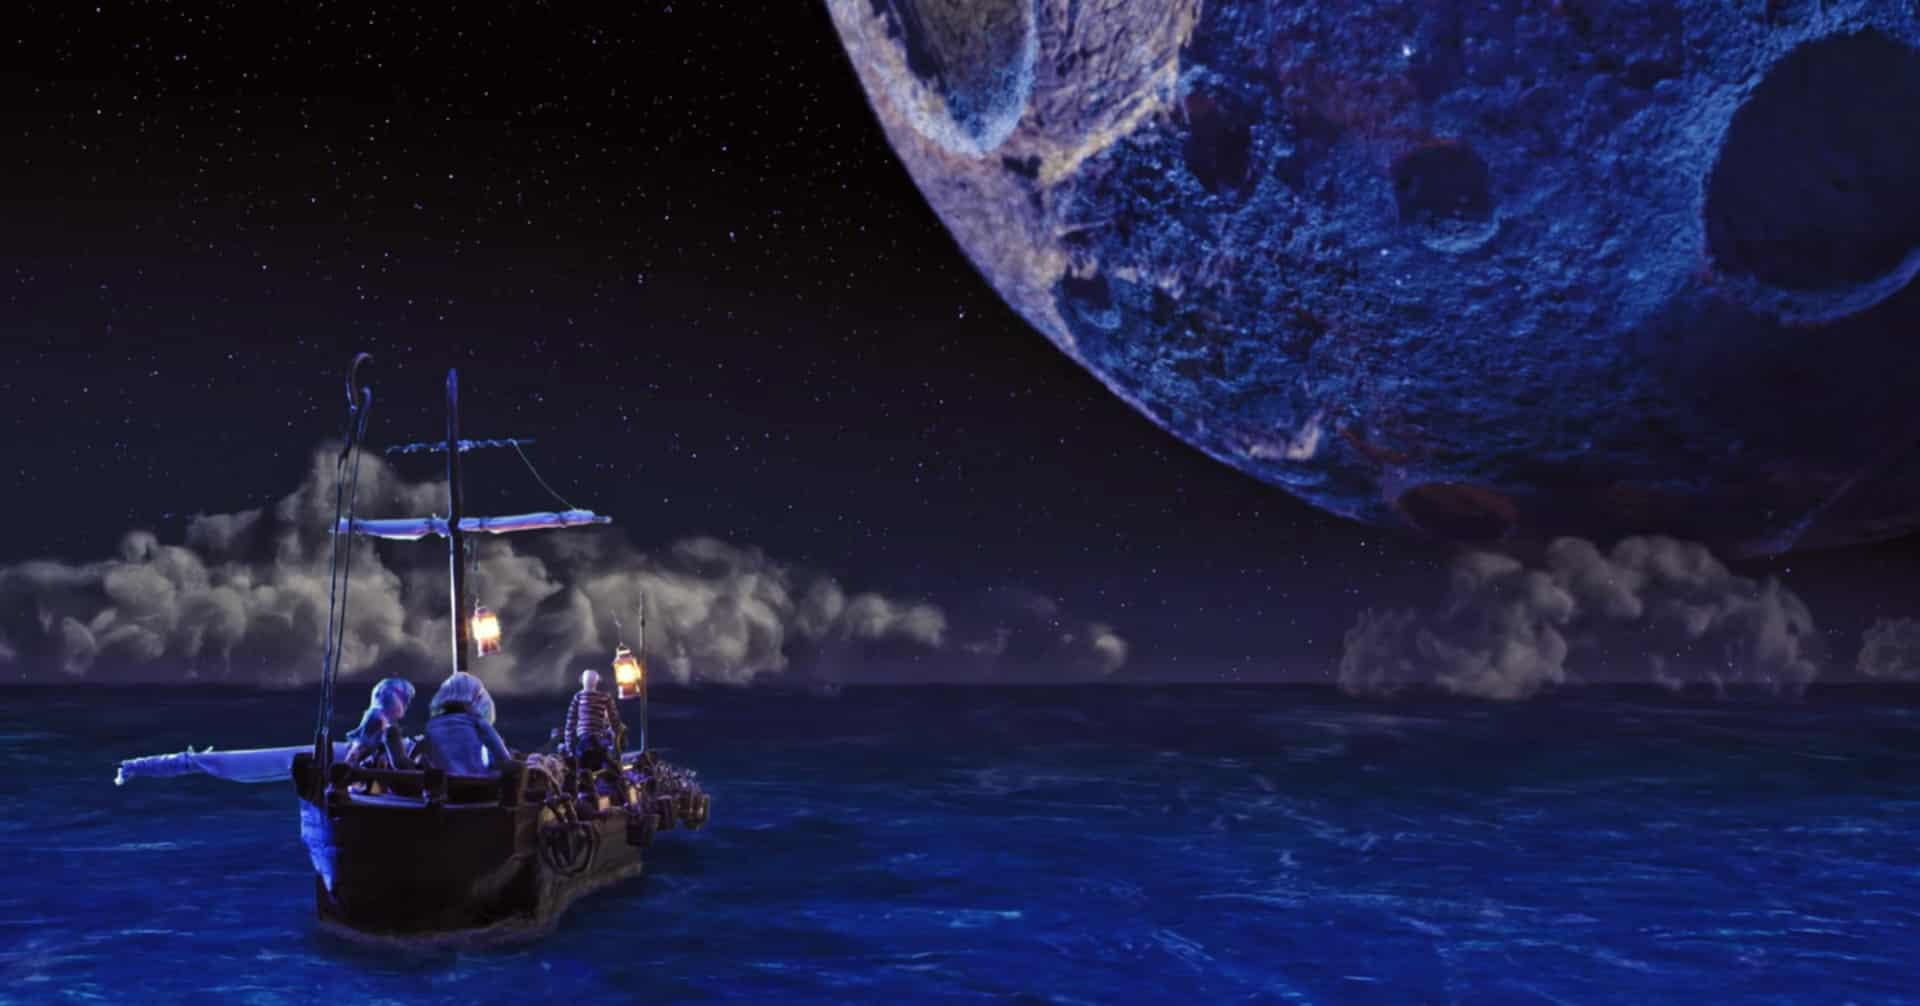 انیمیشن کوتاه The Moon's Milk